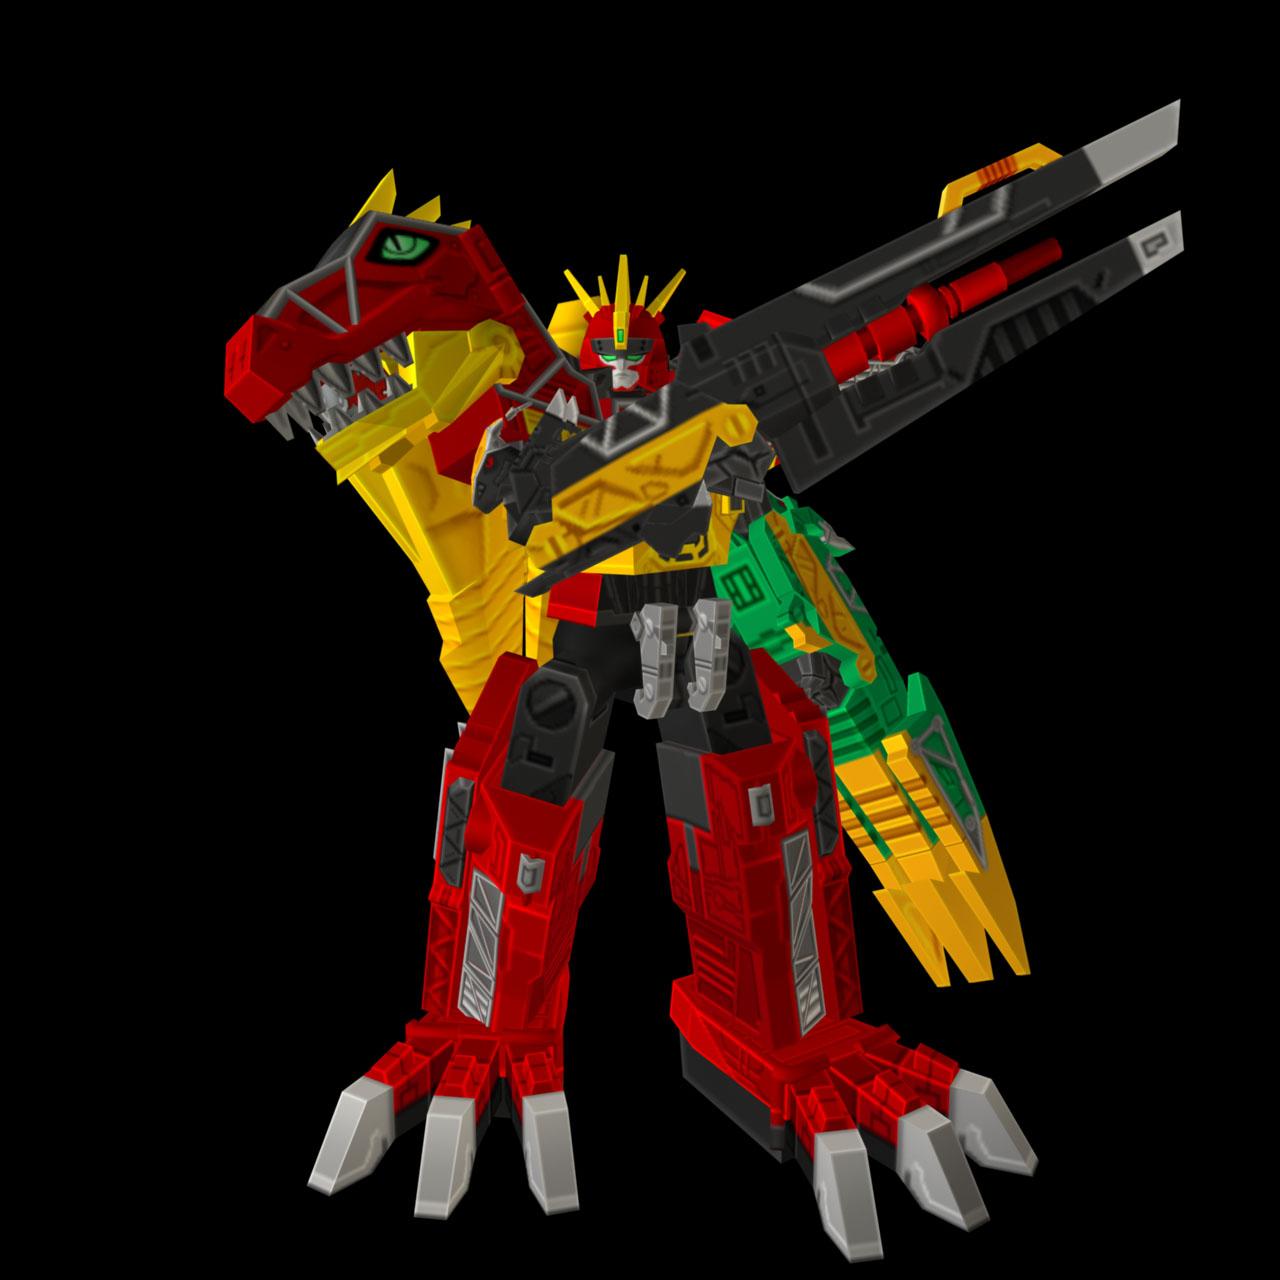 獣電戦隊キョウリュウジャーの画像 p1_40